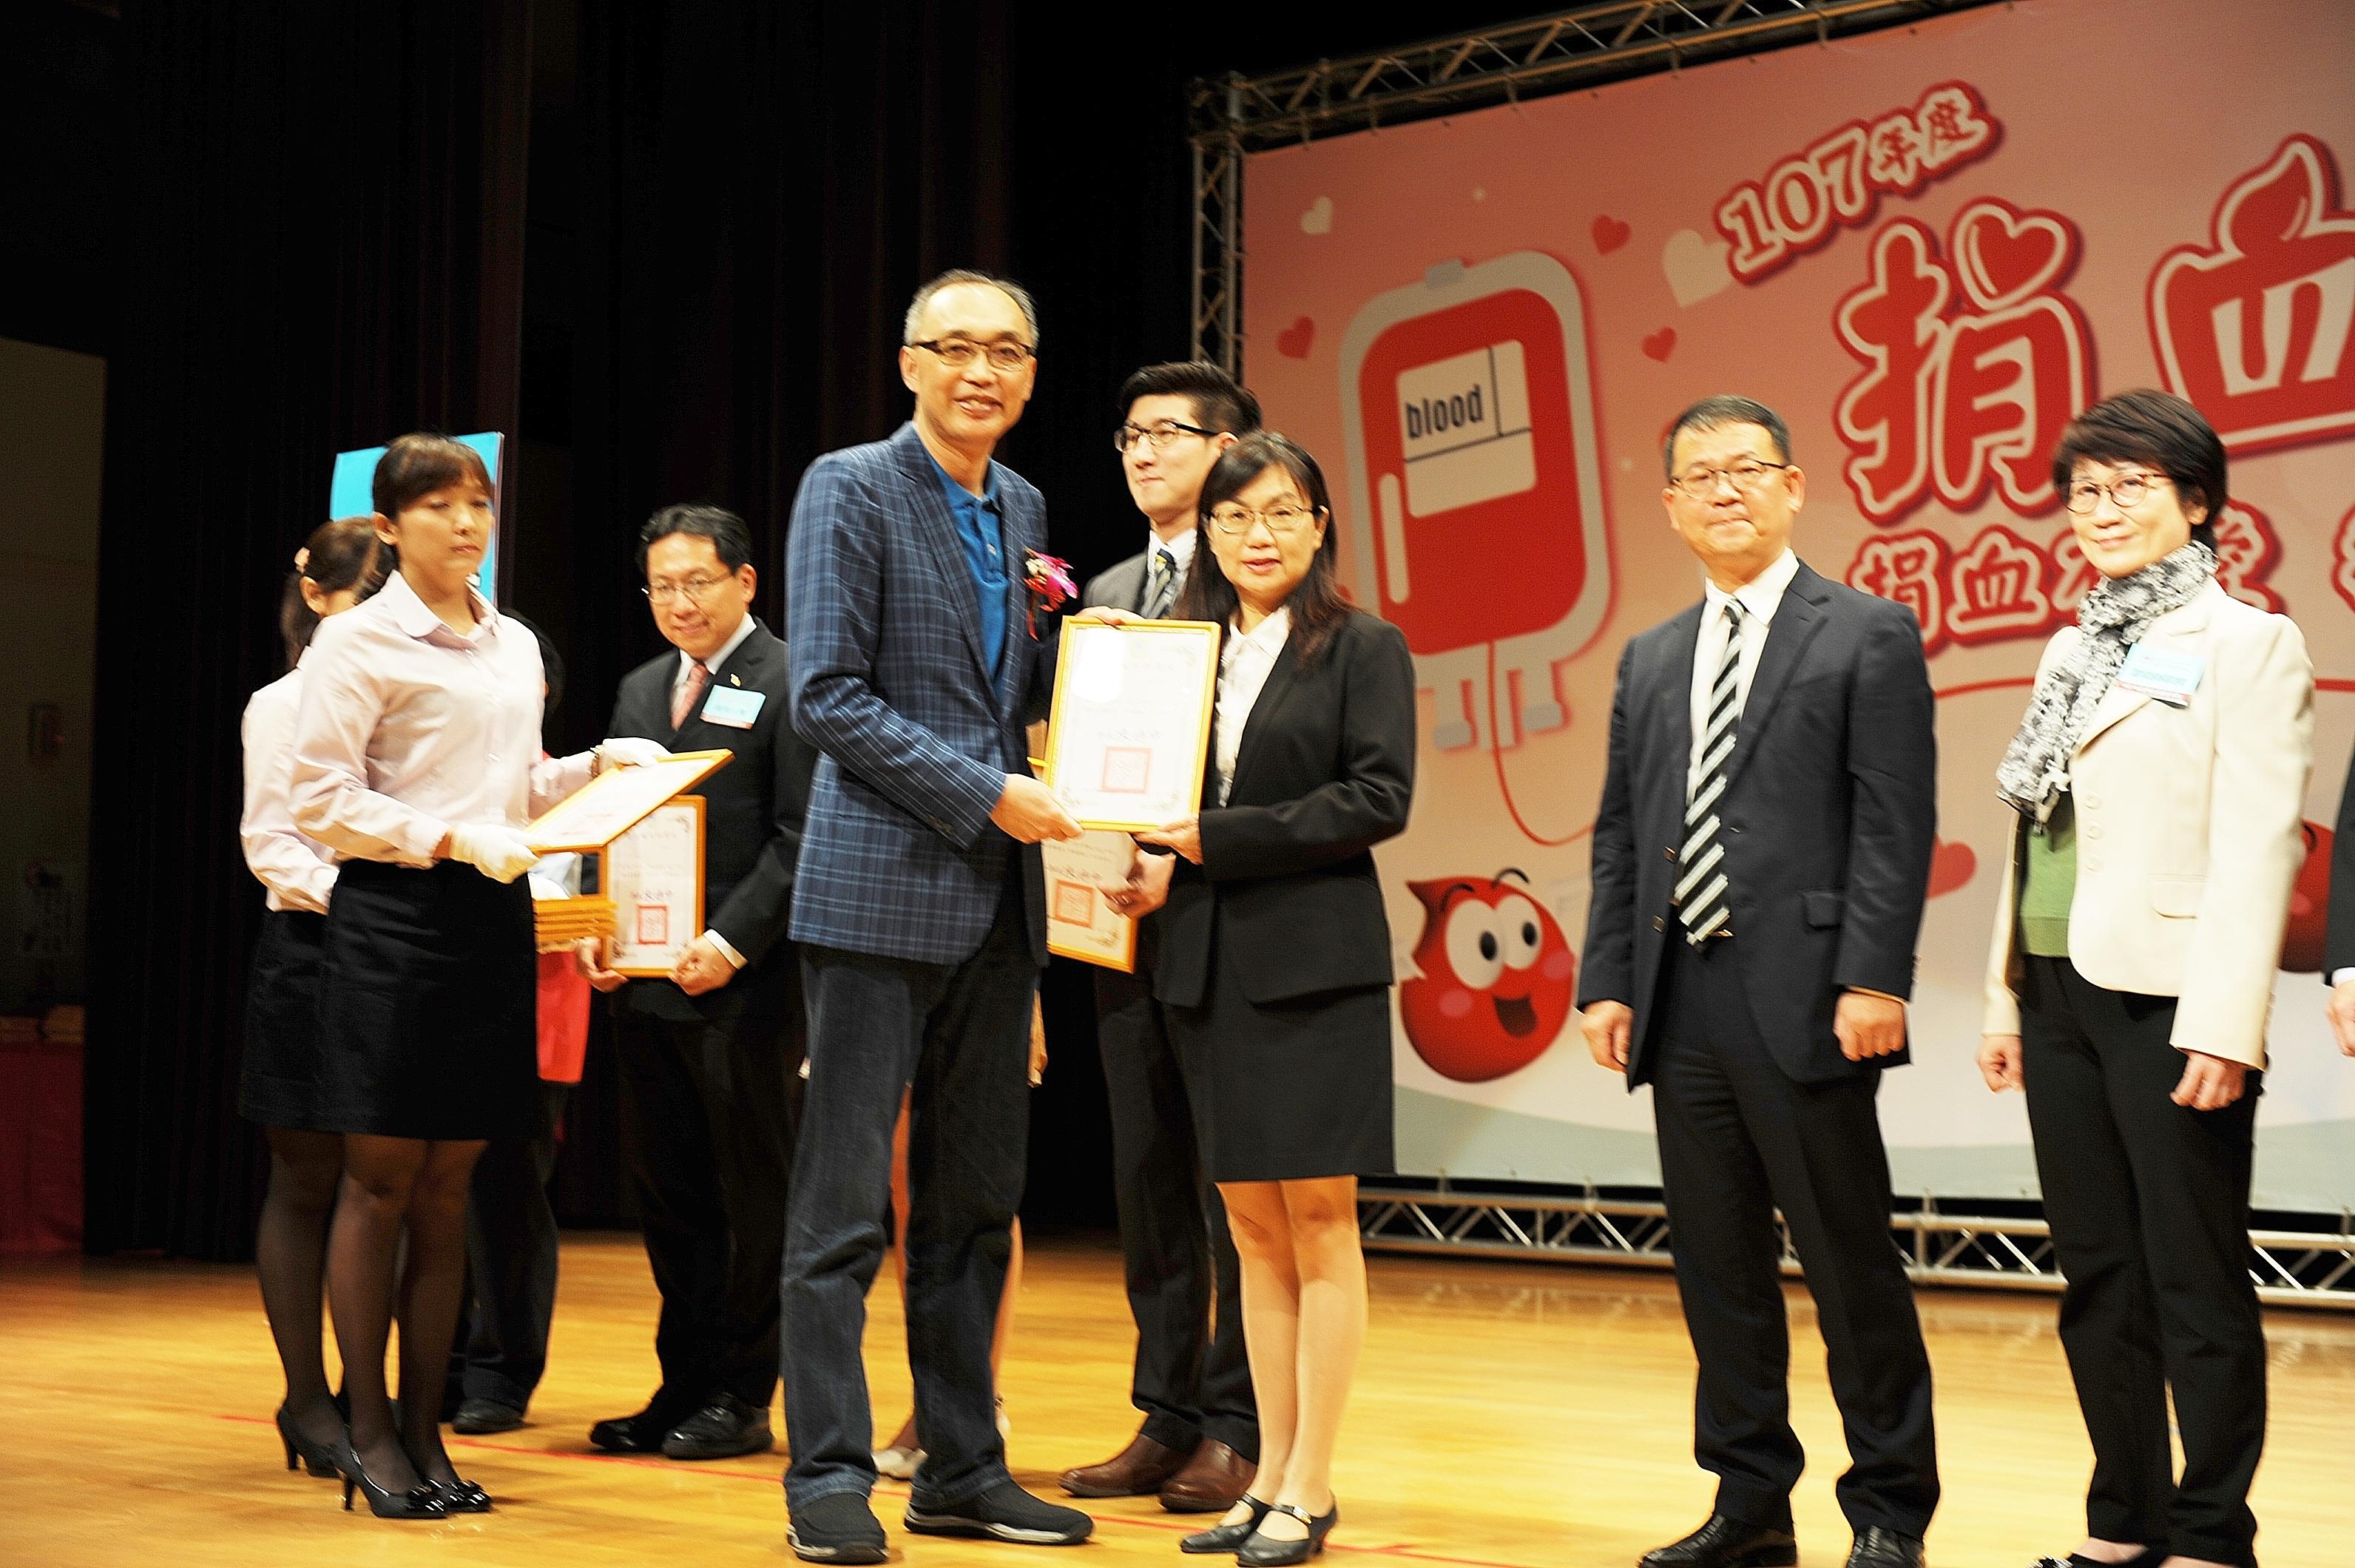 本公司榮獲台灣血液基金會107年度捐血績優團體獎